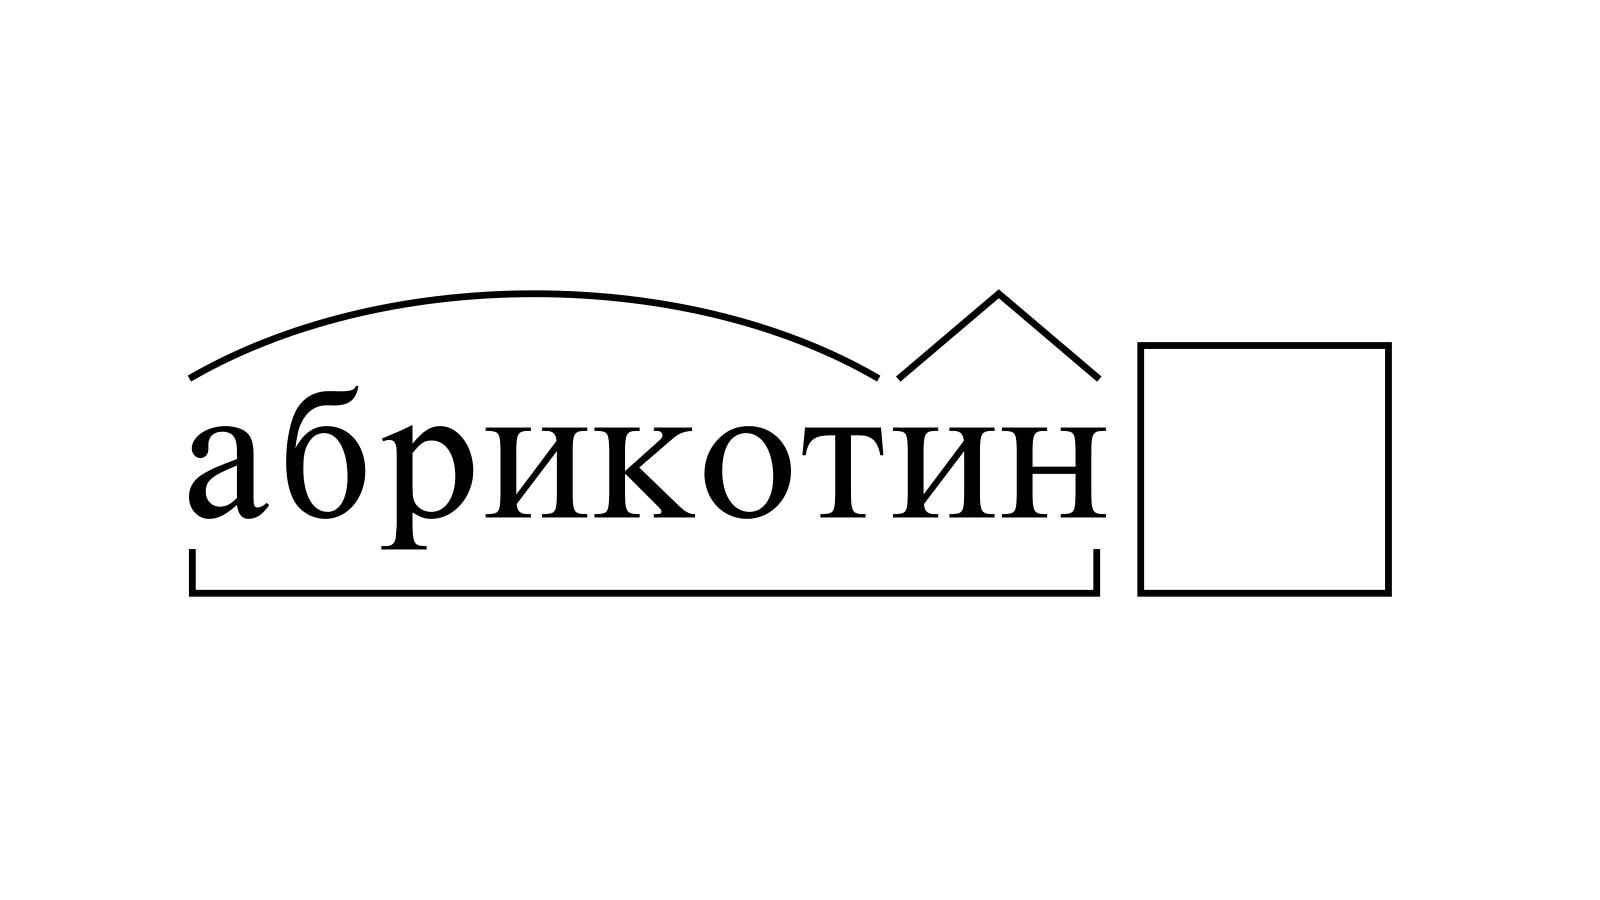 Разбор слова «абрикотин» по составу